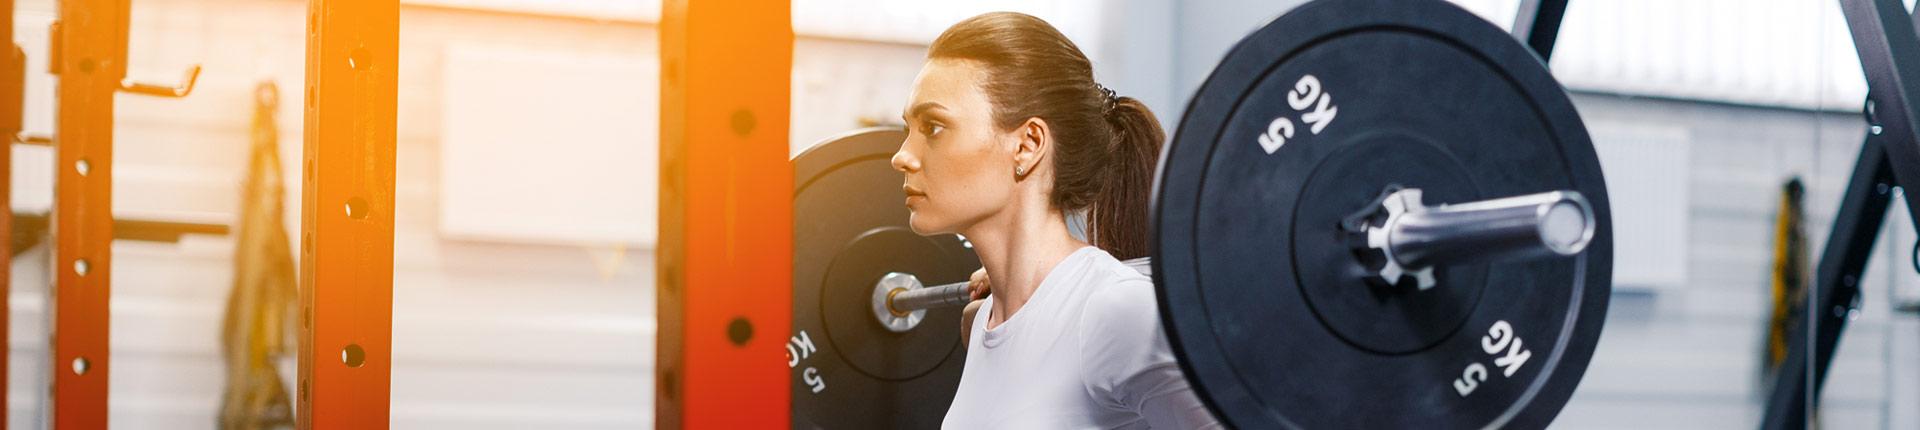 Najtrudniejsze ćwiczenia - na co zwrócić uwagę